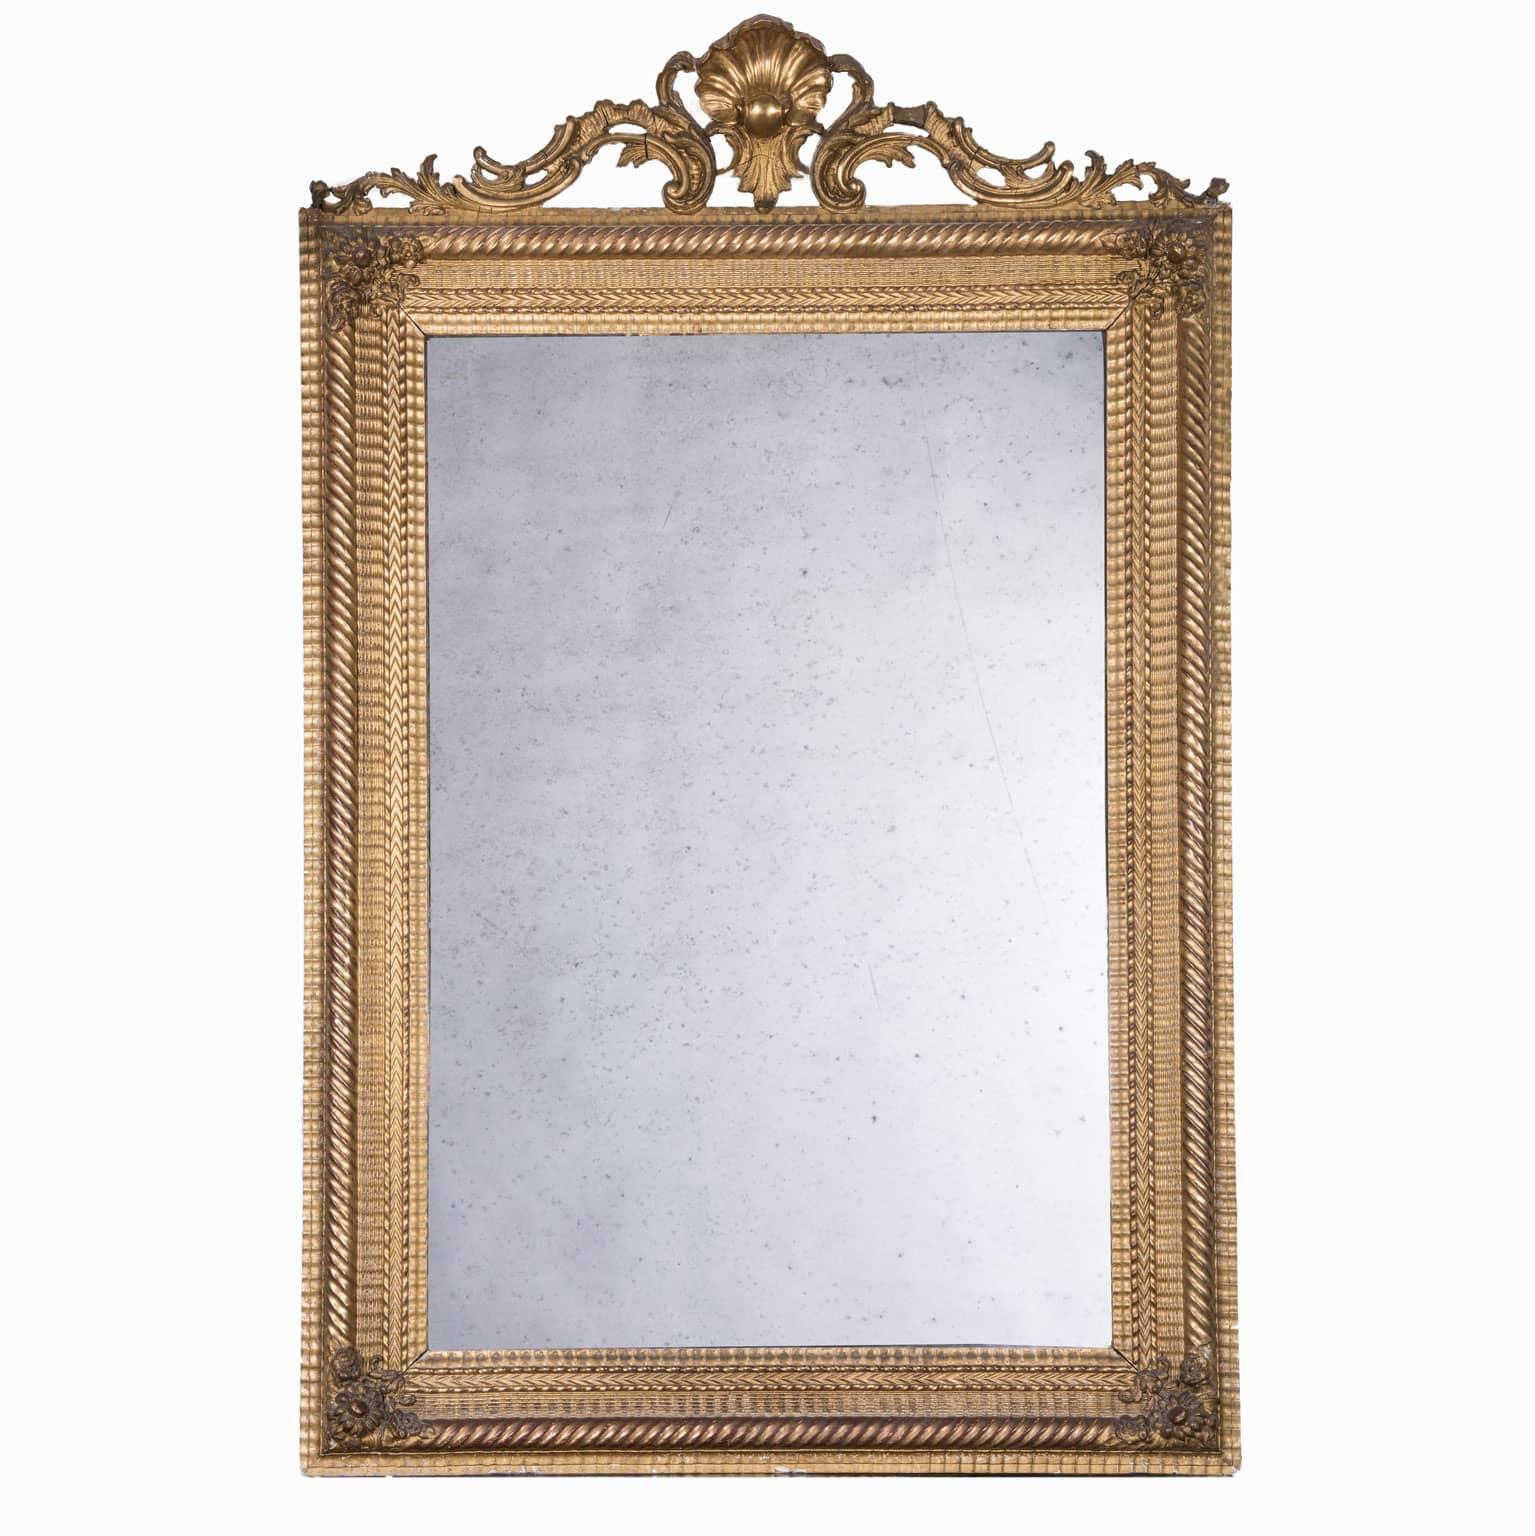 Grande Specchiera Dorata francese del 1800